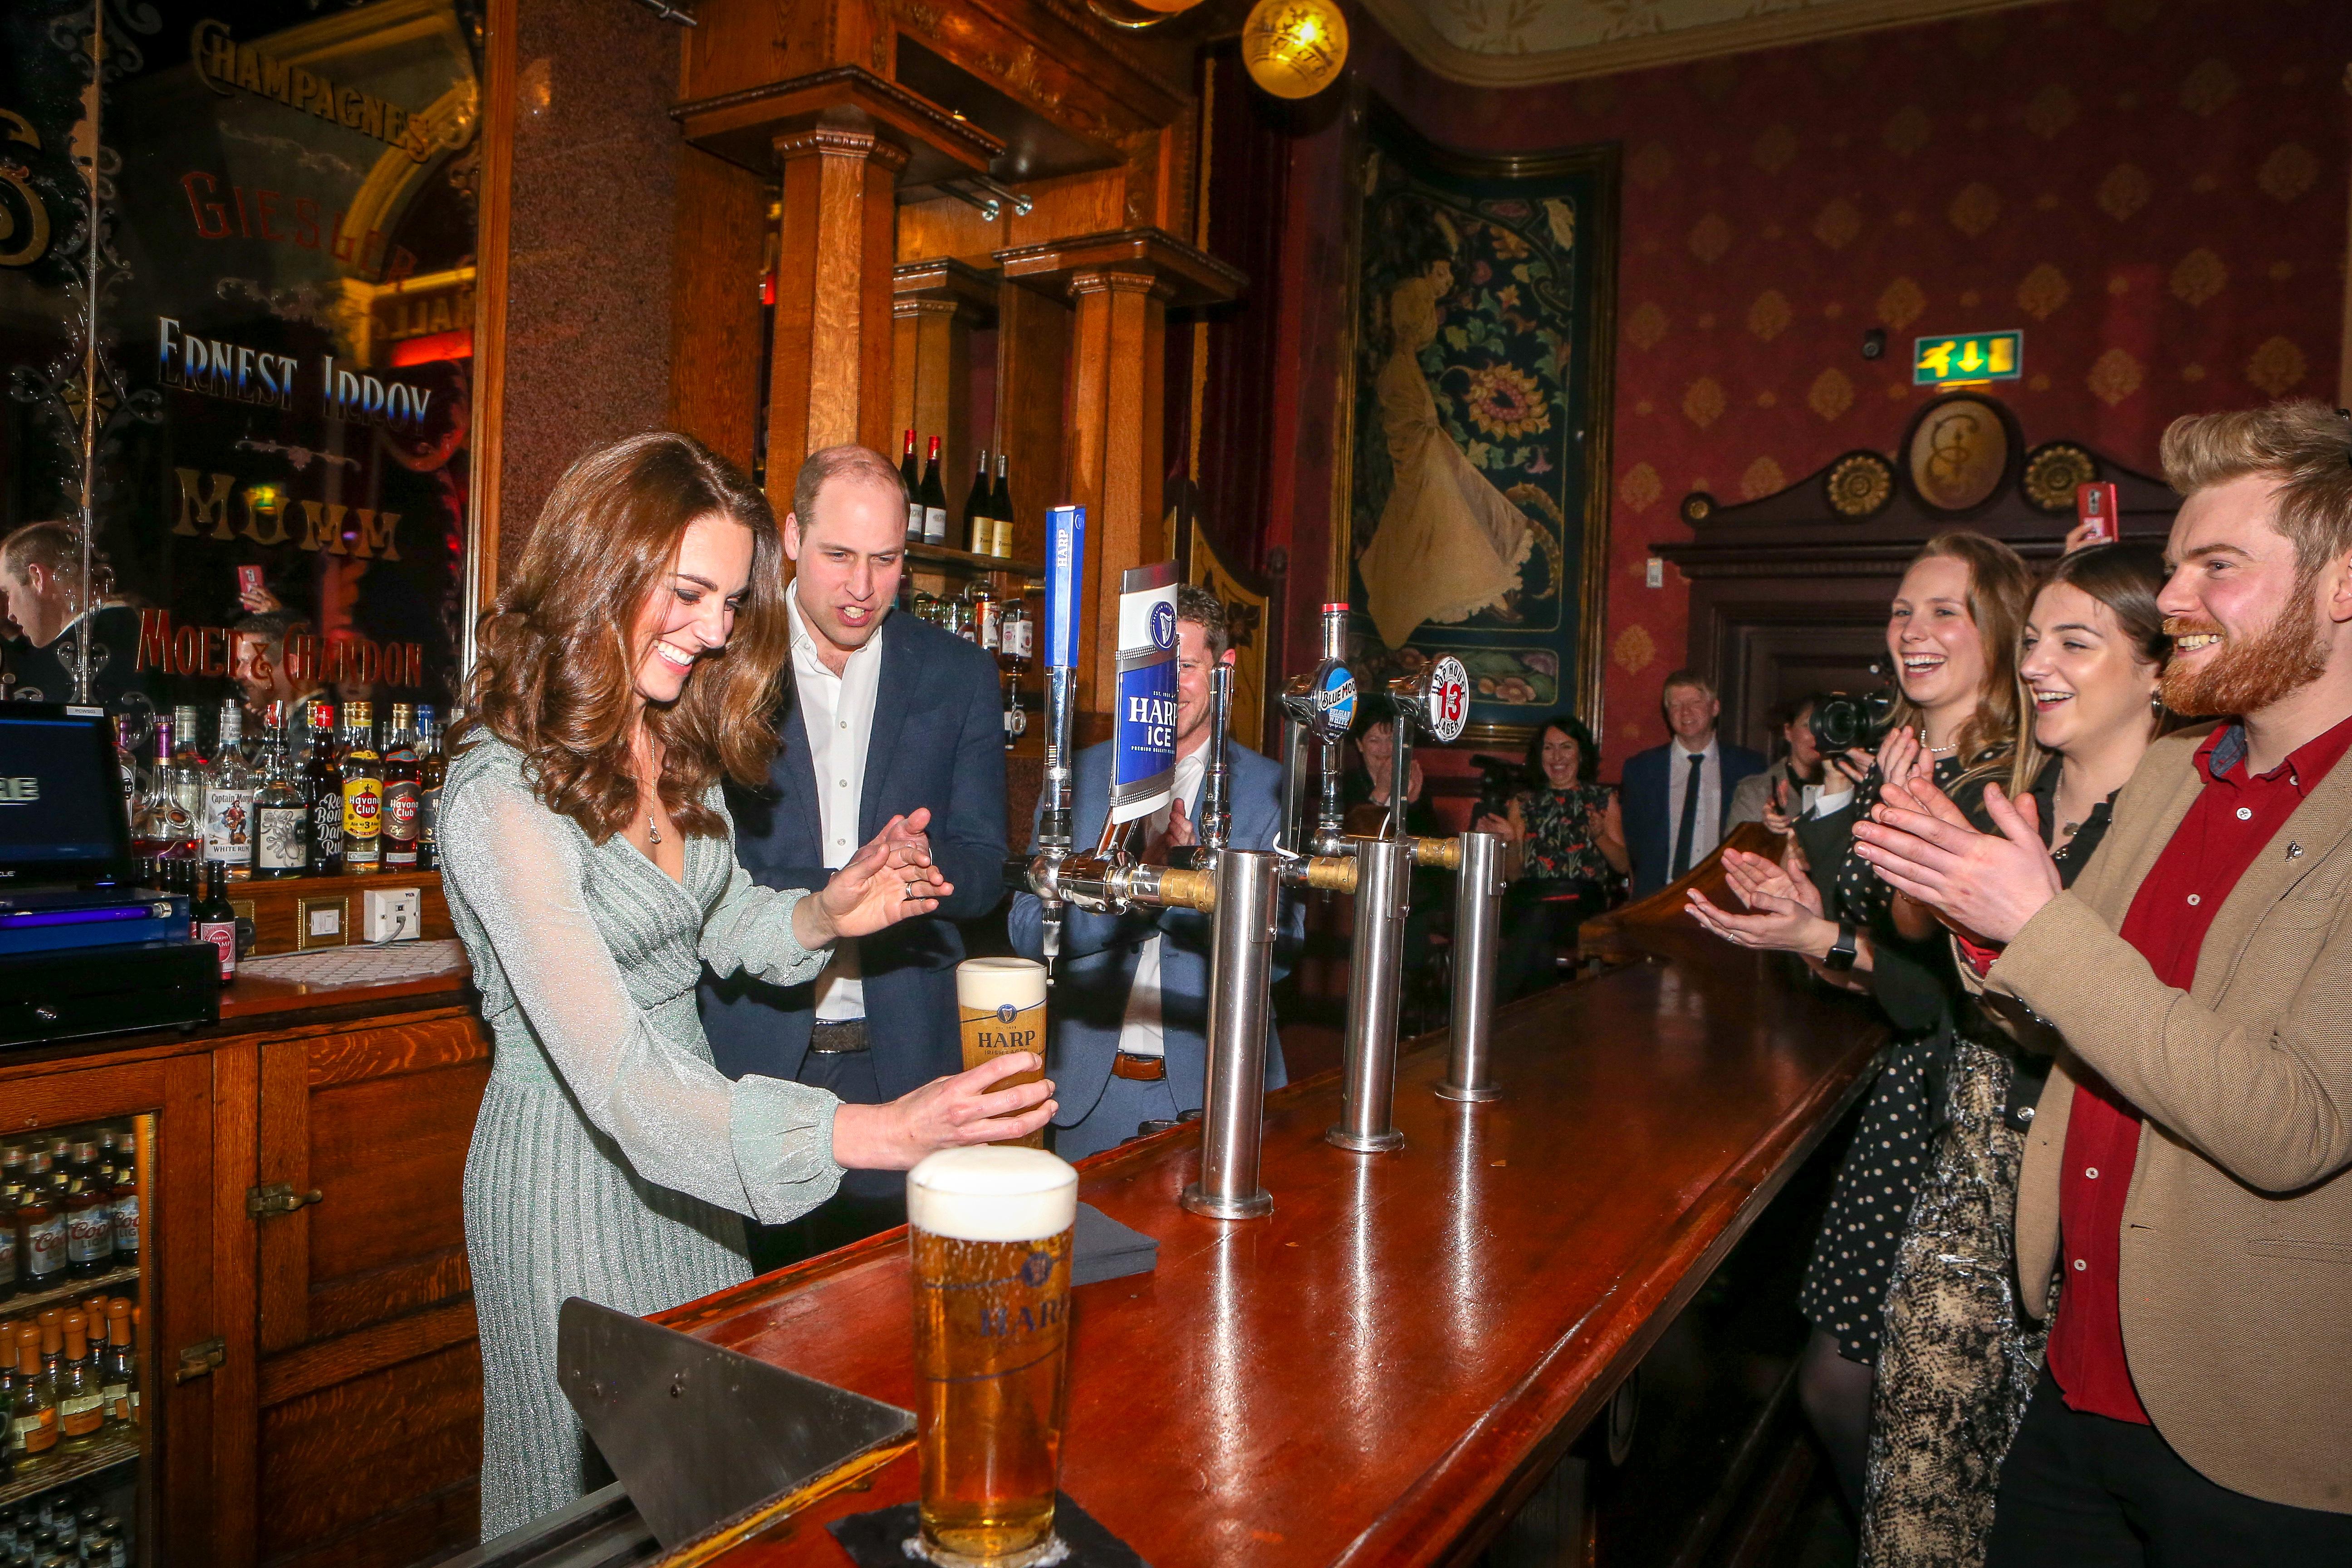 Двамата са на посещение в Северна Ирландия, което е фокусирано върху образованието и перспективите за развитие на децата и младите хора в тази част на Великобритания.